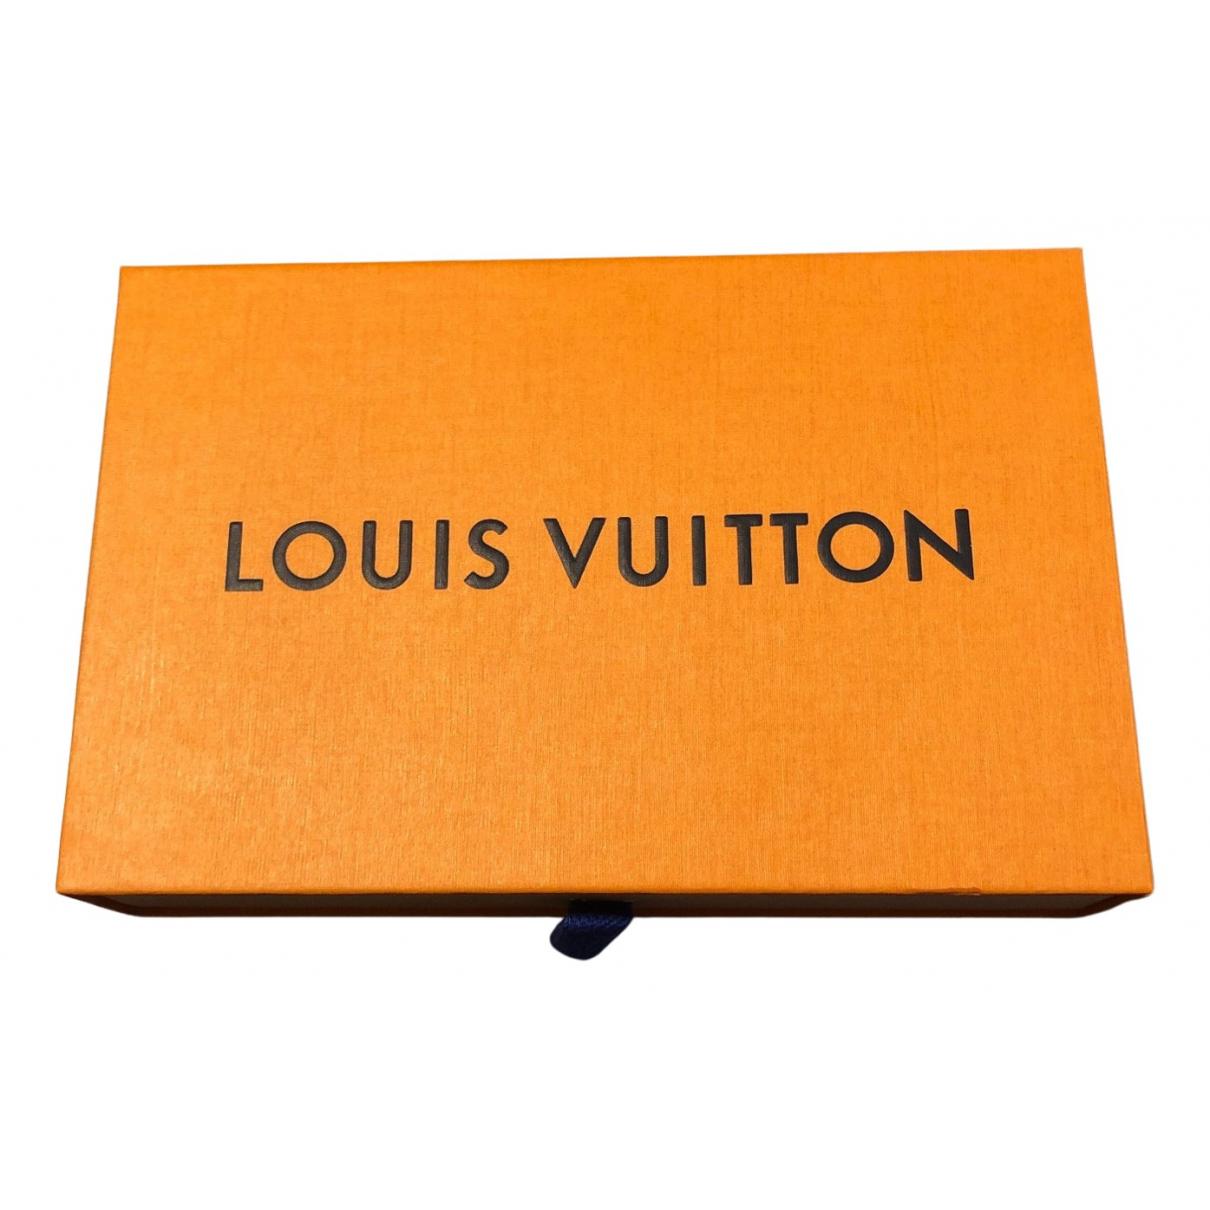 Objeto de decoracion Louis Vuitton